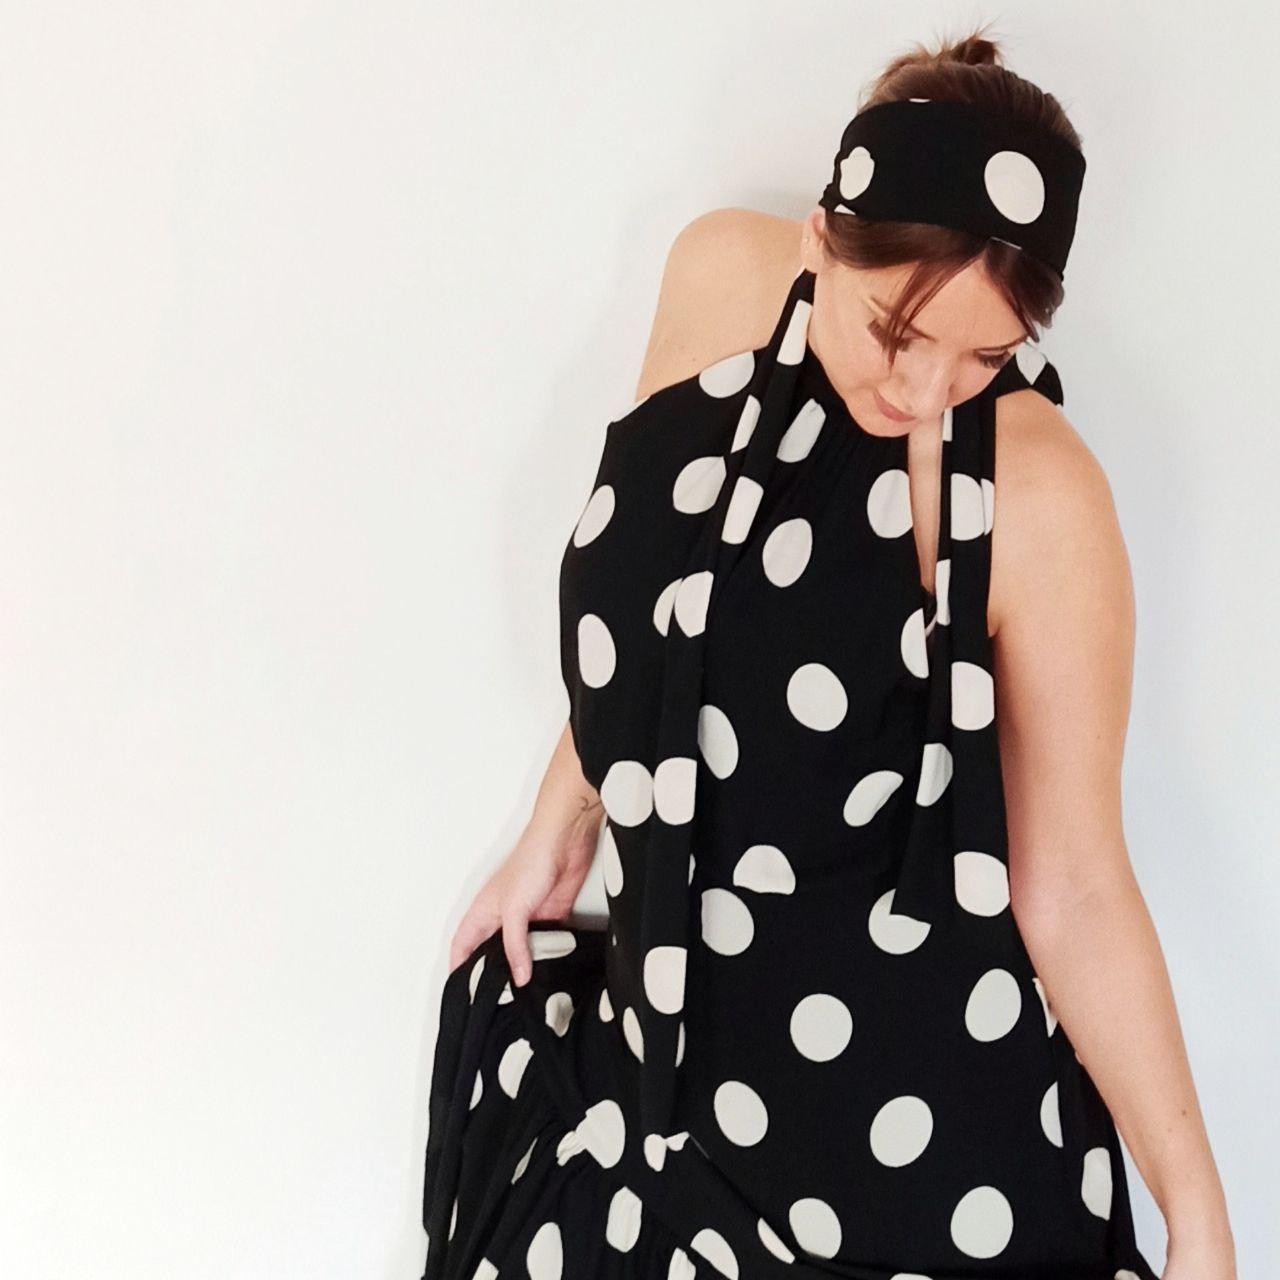 Paula Cuevas Asesora de imagen y estilista de moda